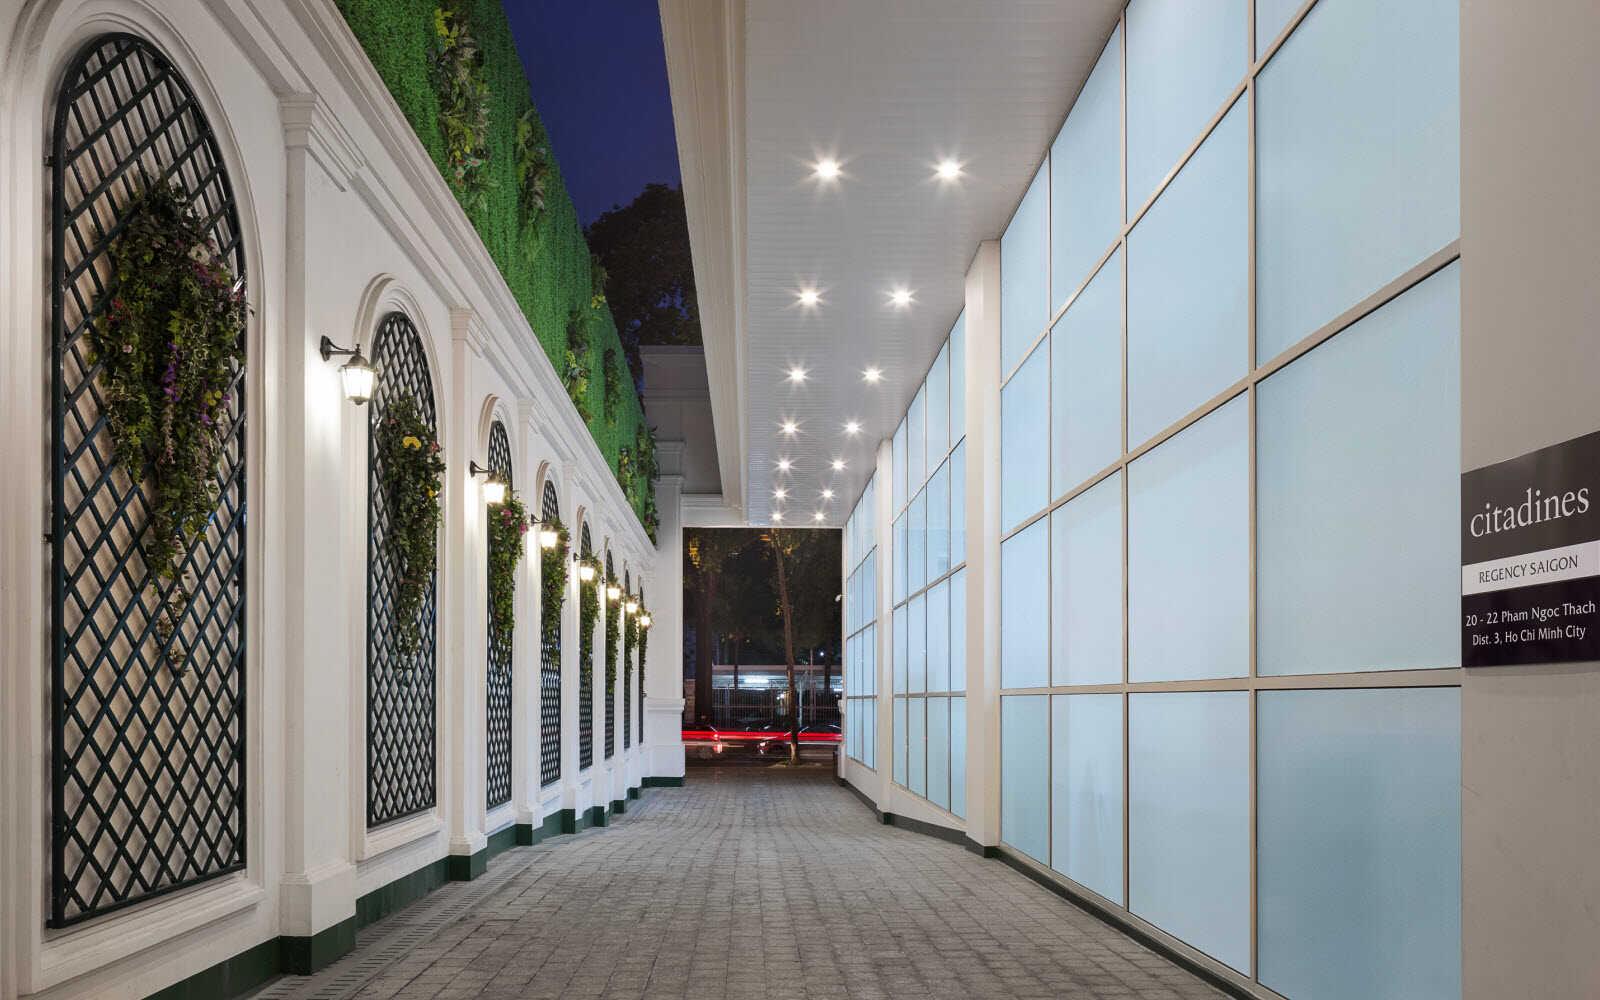 trang trí văn cảnh quan khách sạn